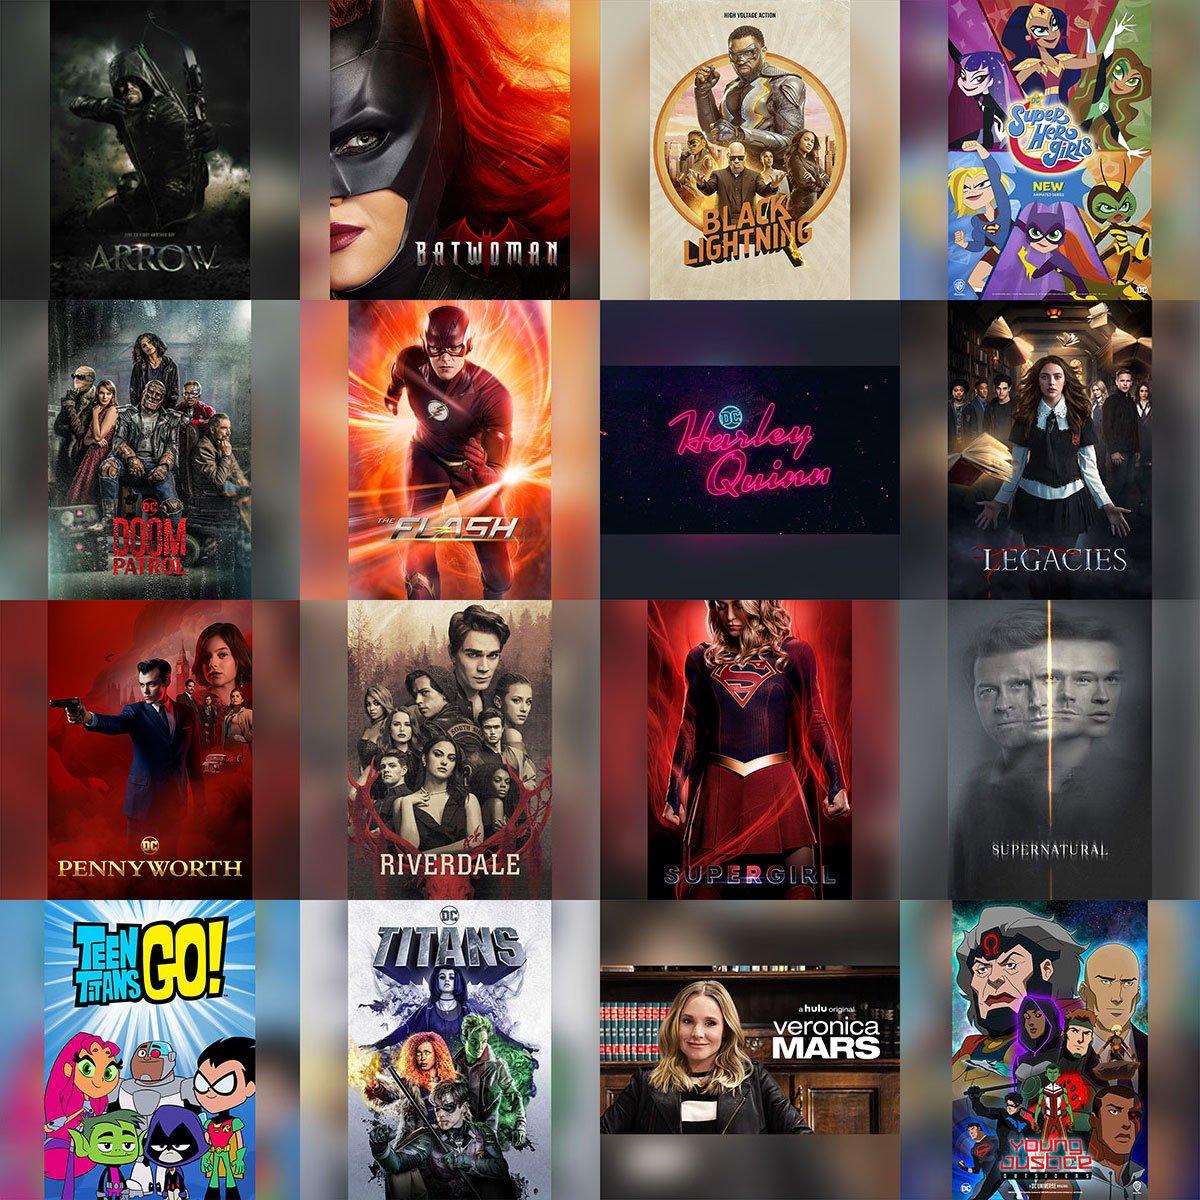 Batwoman y otras series de Warner Bros. estarán en San Diego Comic-Con 2019. Imagen: Warner Bros. TV Twitter (@warnerbrostv).